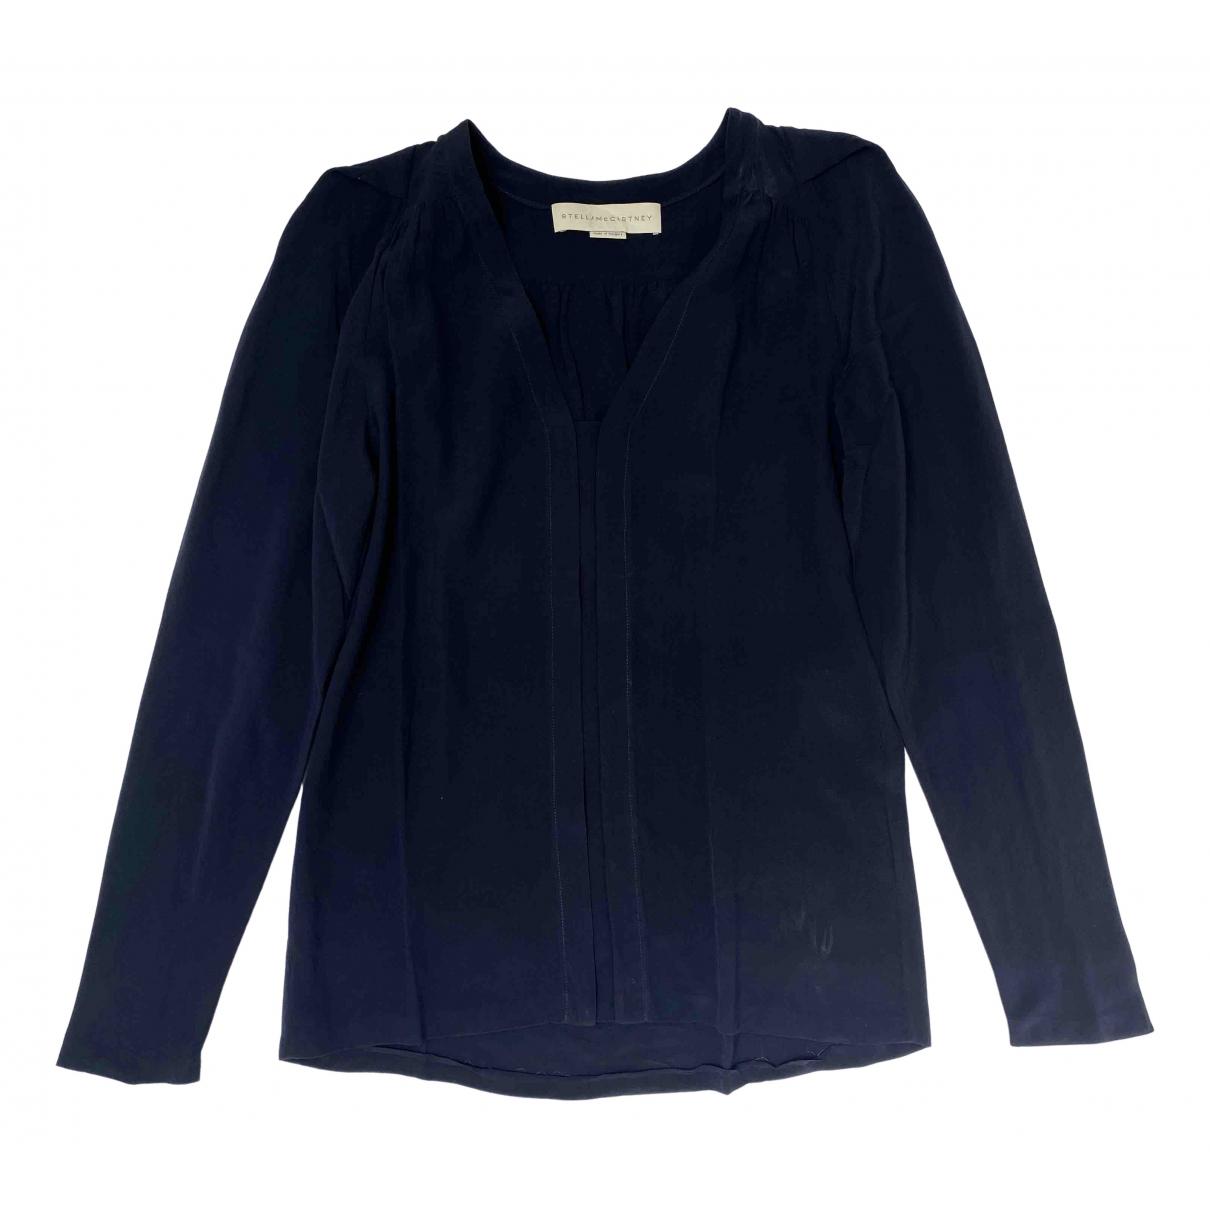 Stella Mccartney \N Navy Silk  top for Women 38 IT